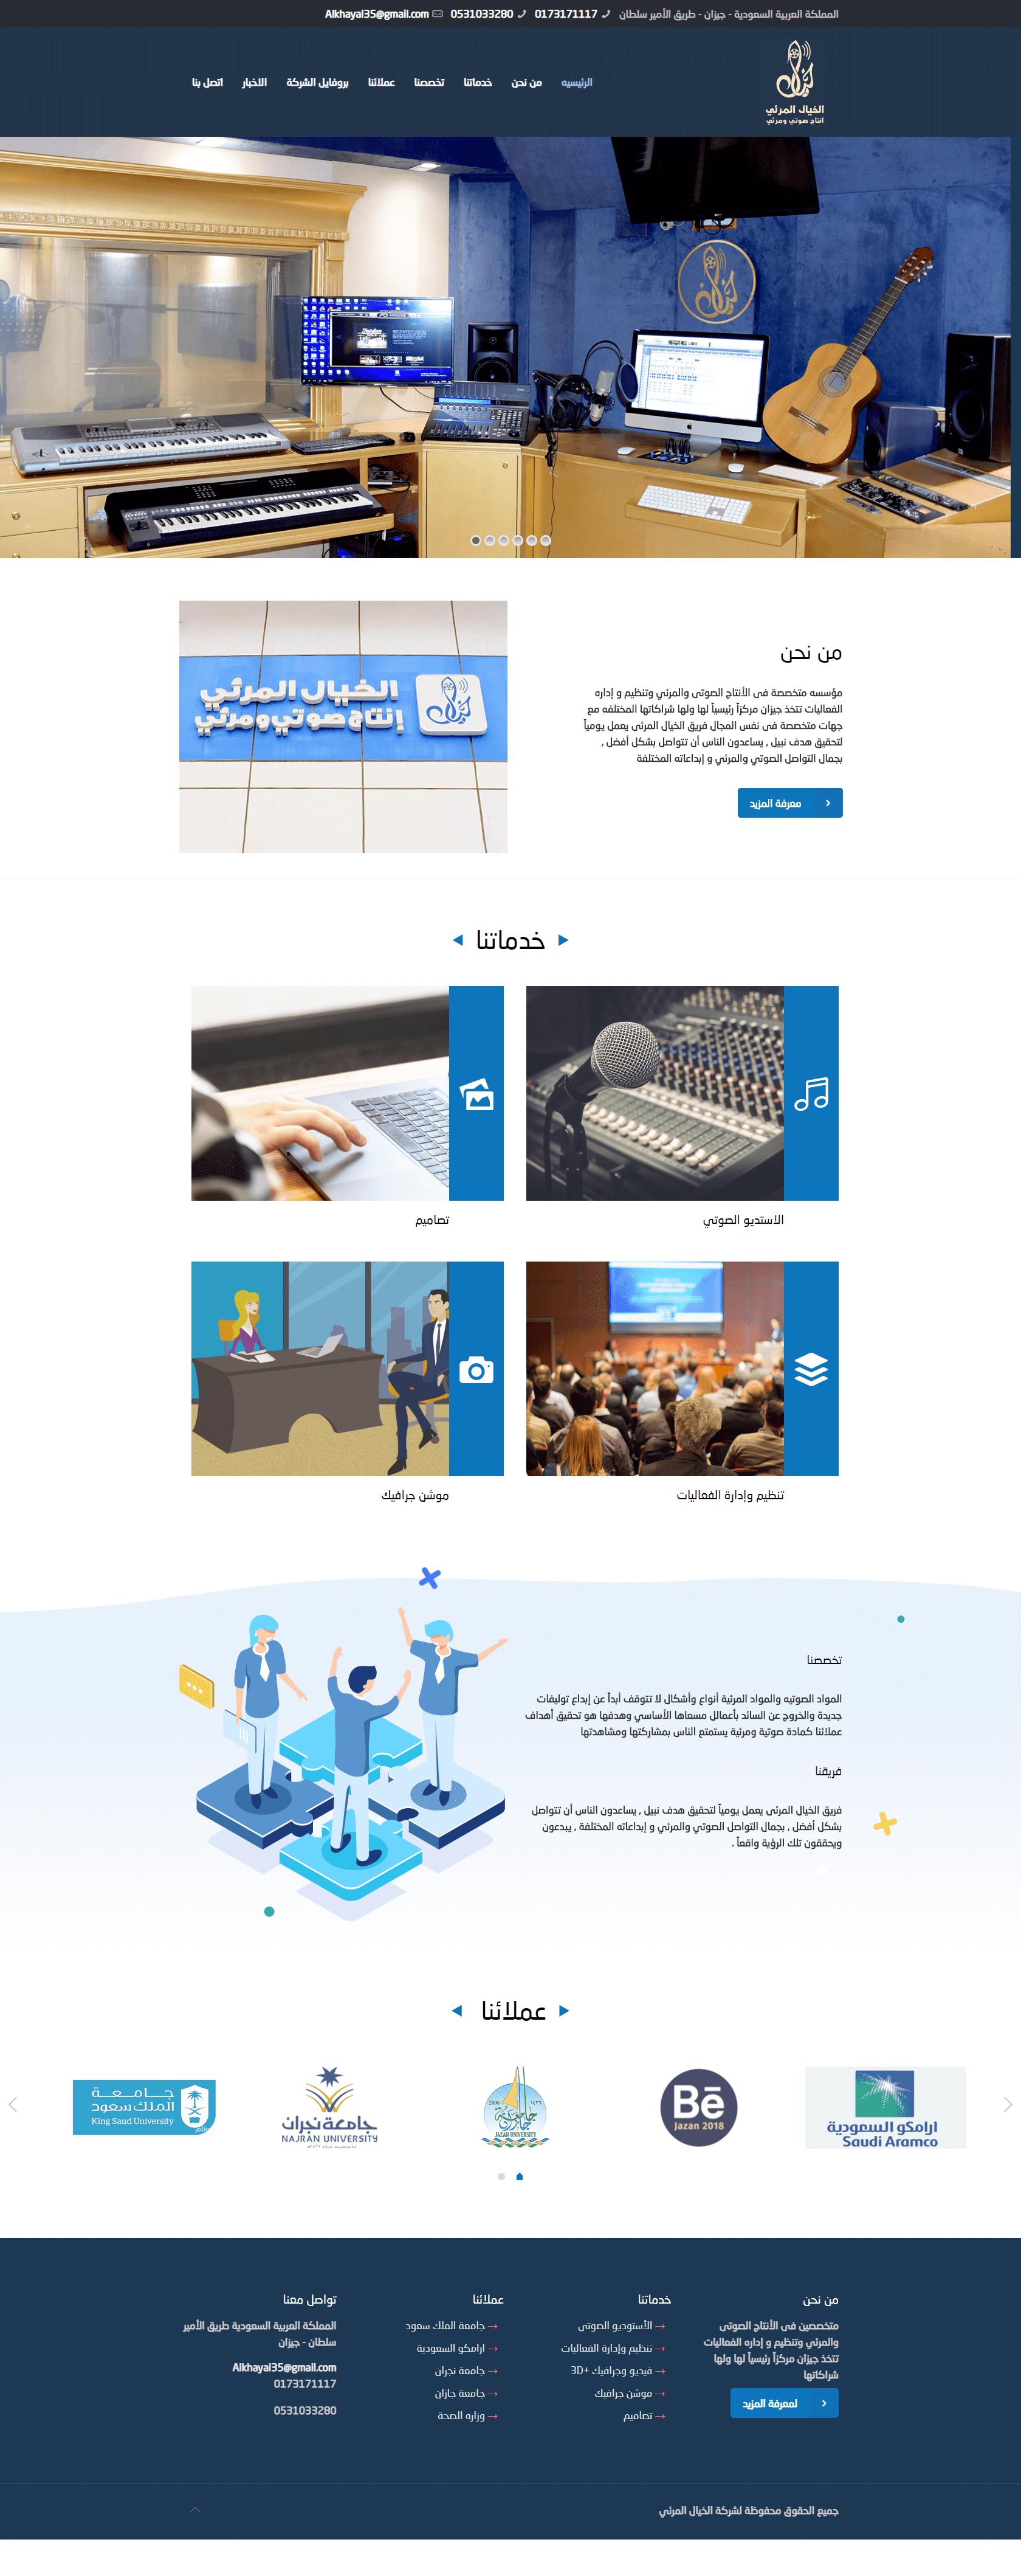 الخيال – مؤسسه متخصصة فى الأنتاج الصوتى والمرئي وتنظيم و إداره الفعاليات (3) (1)